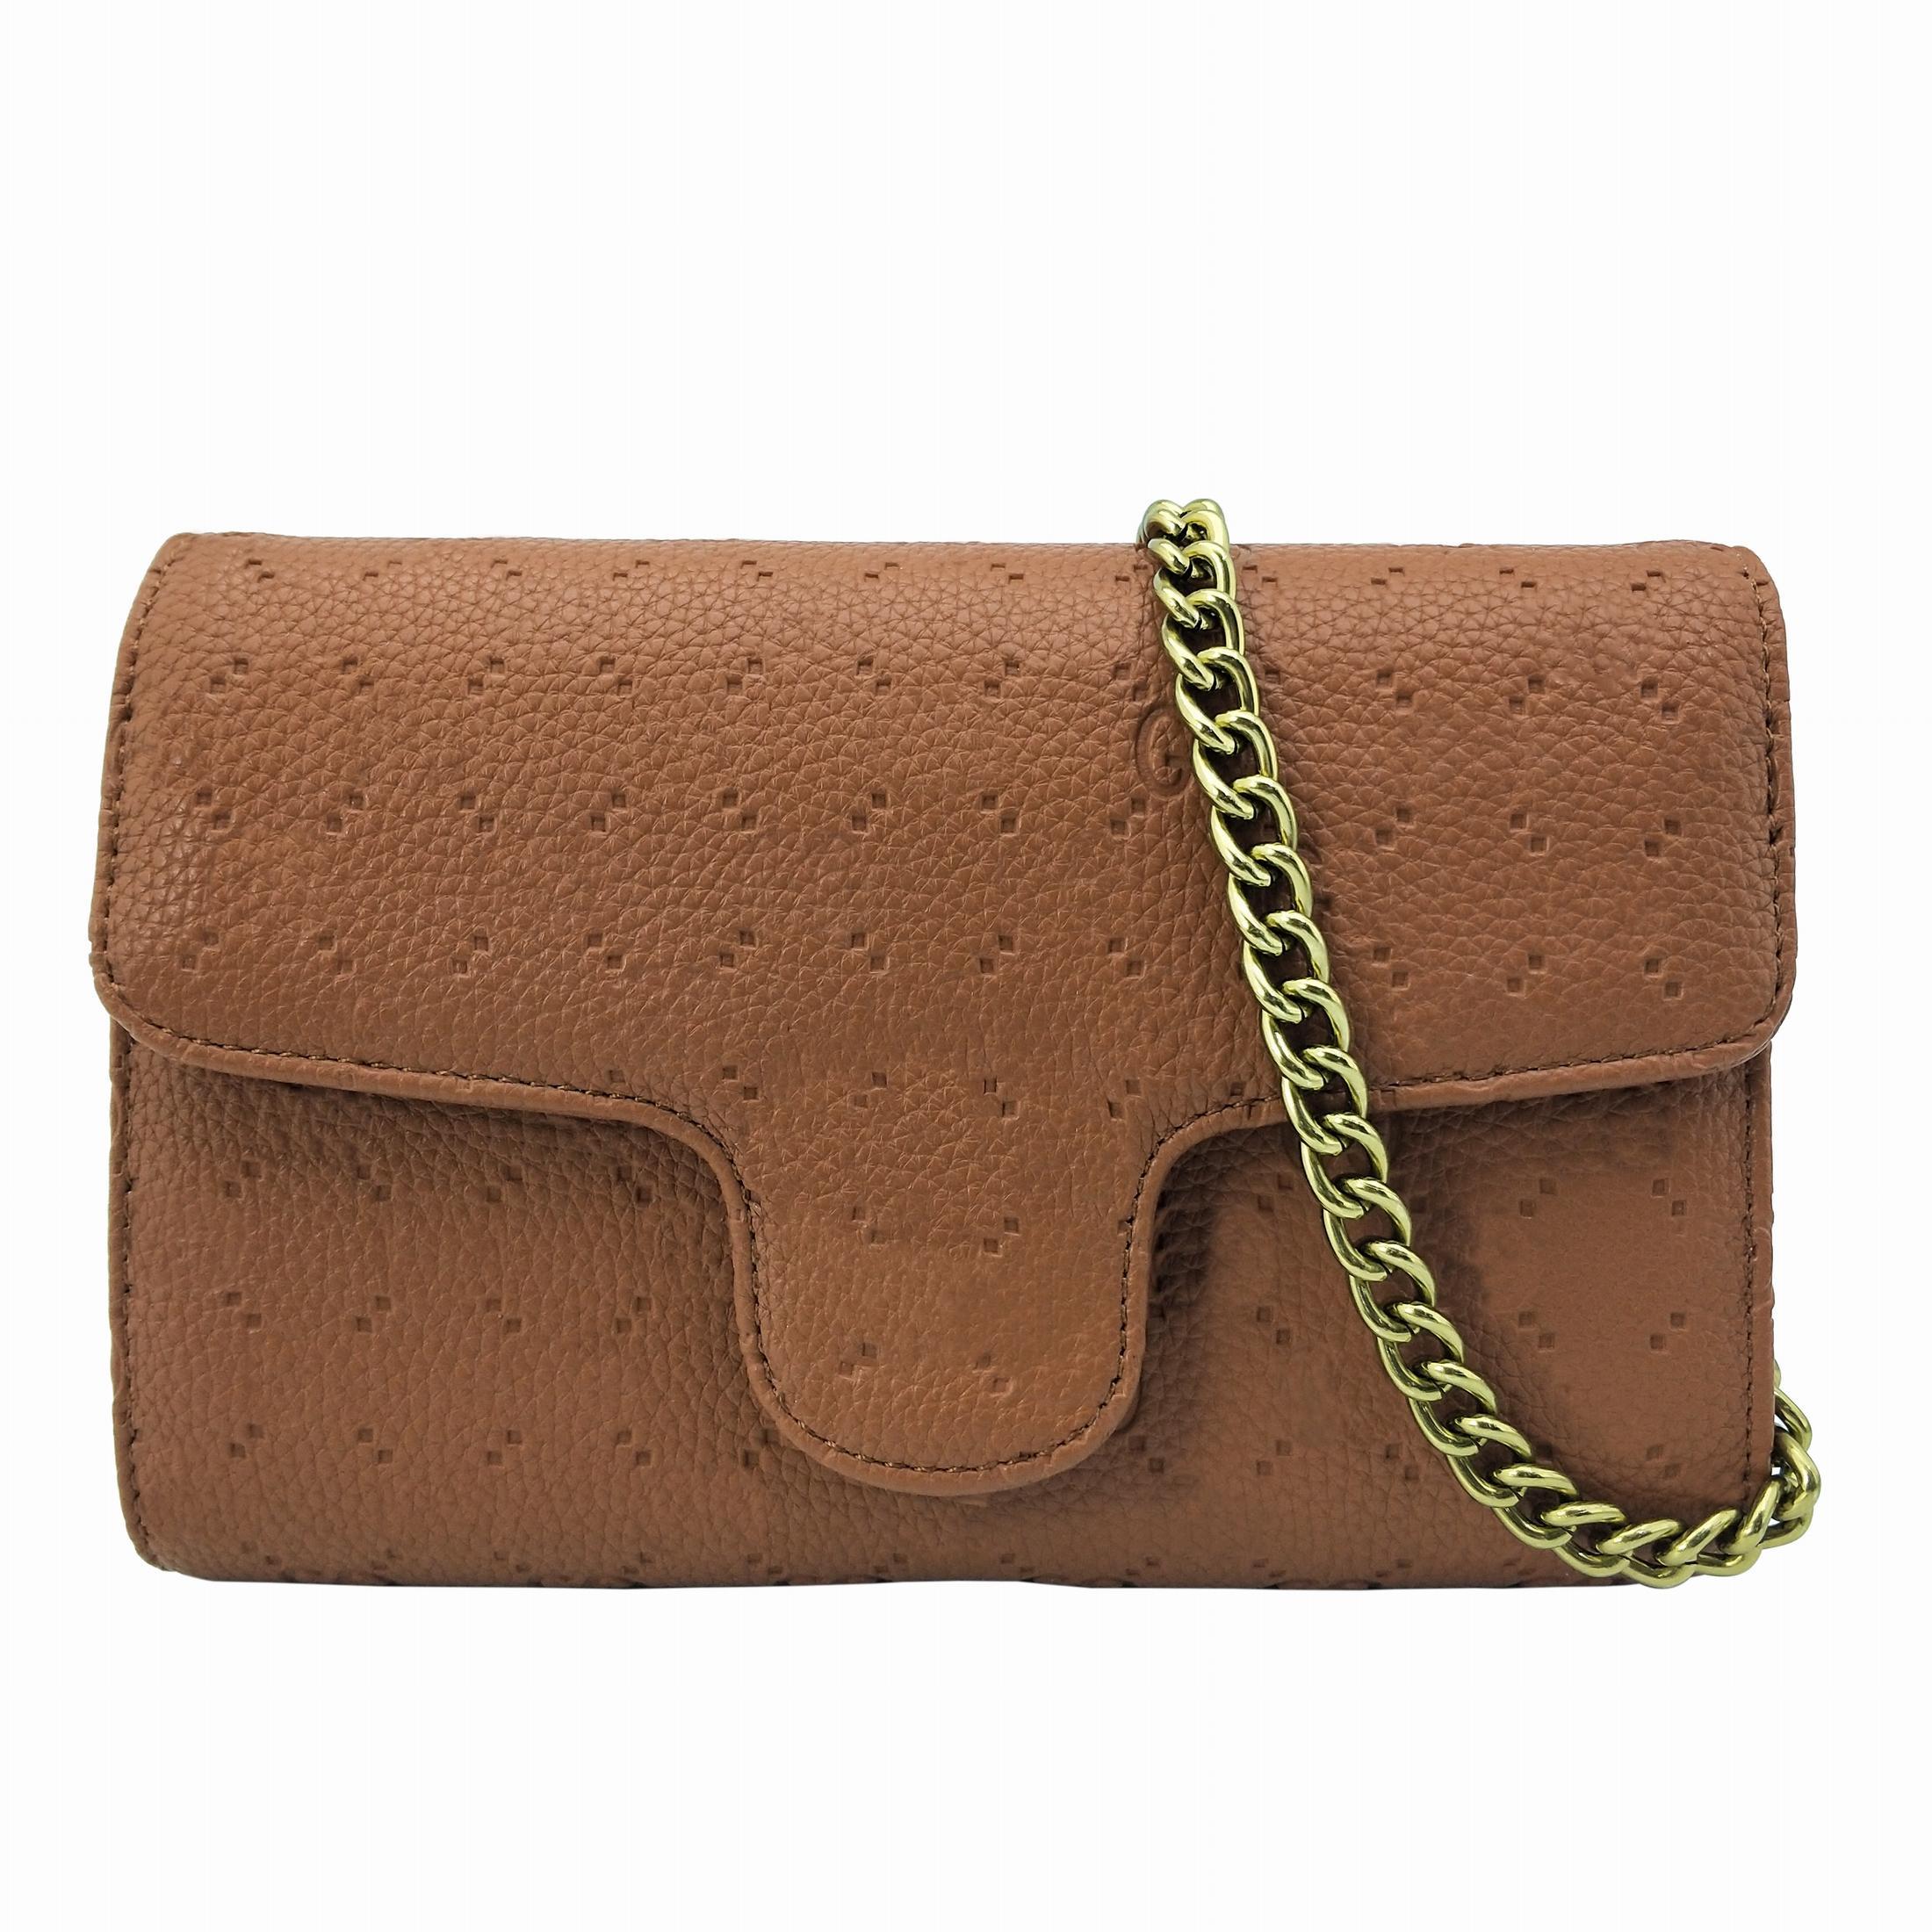 Hohe Qualität Frauen Umhängetaschen PU-Leder Mode Kleine Goldkette Crossbody Taschen Große Brieftasche Handtaschen Messenger Bags Totes Schneller Deliver